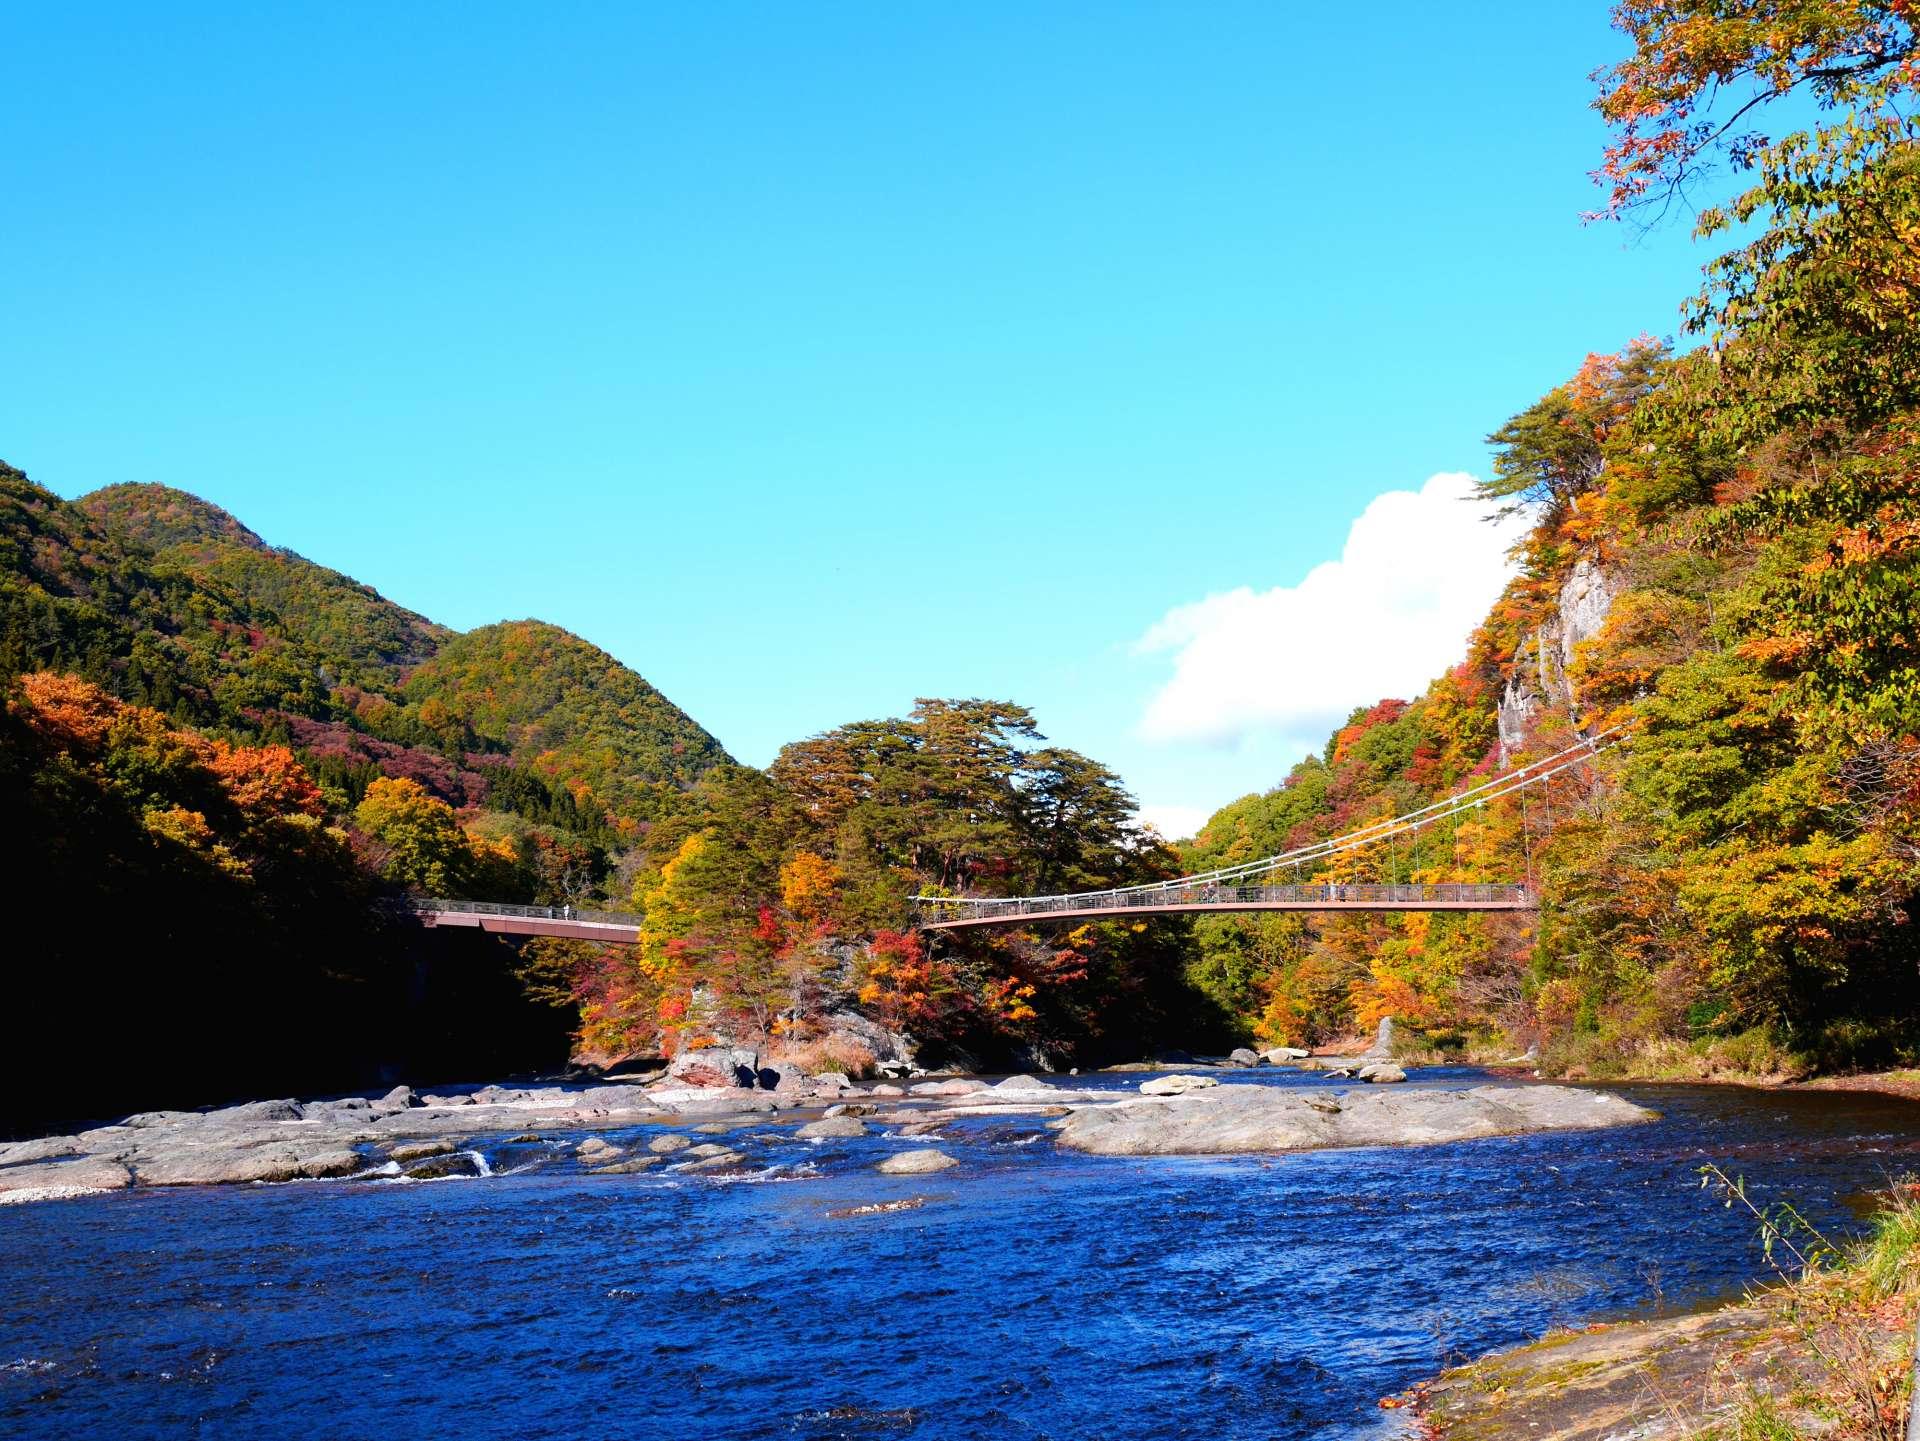 Fukiware-bashi and Ukishima-bashi